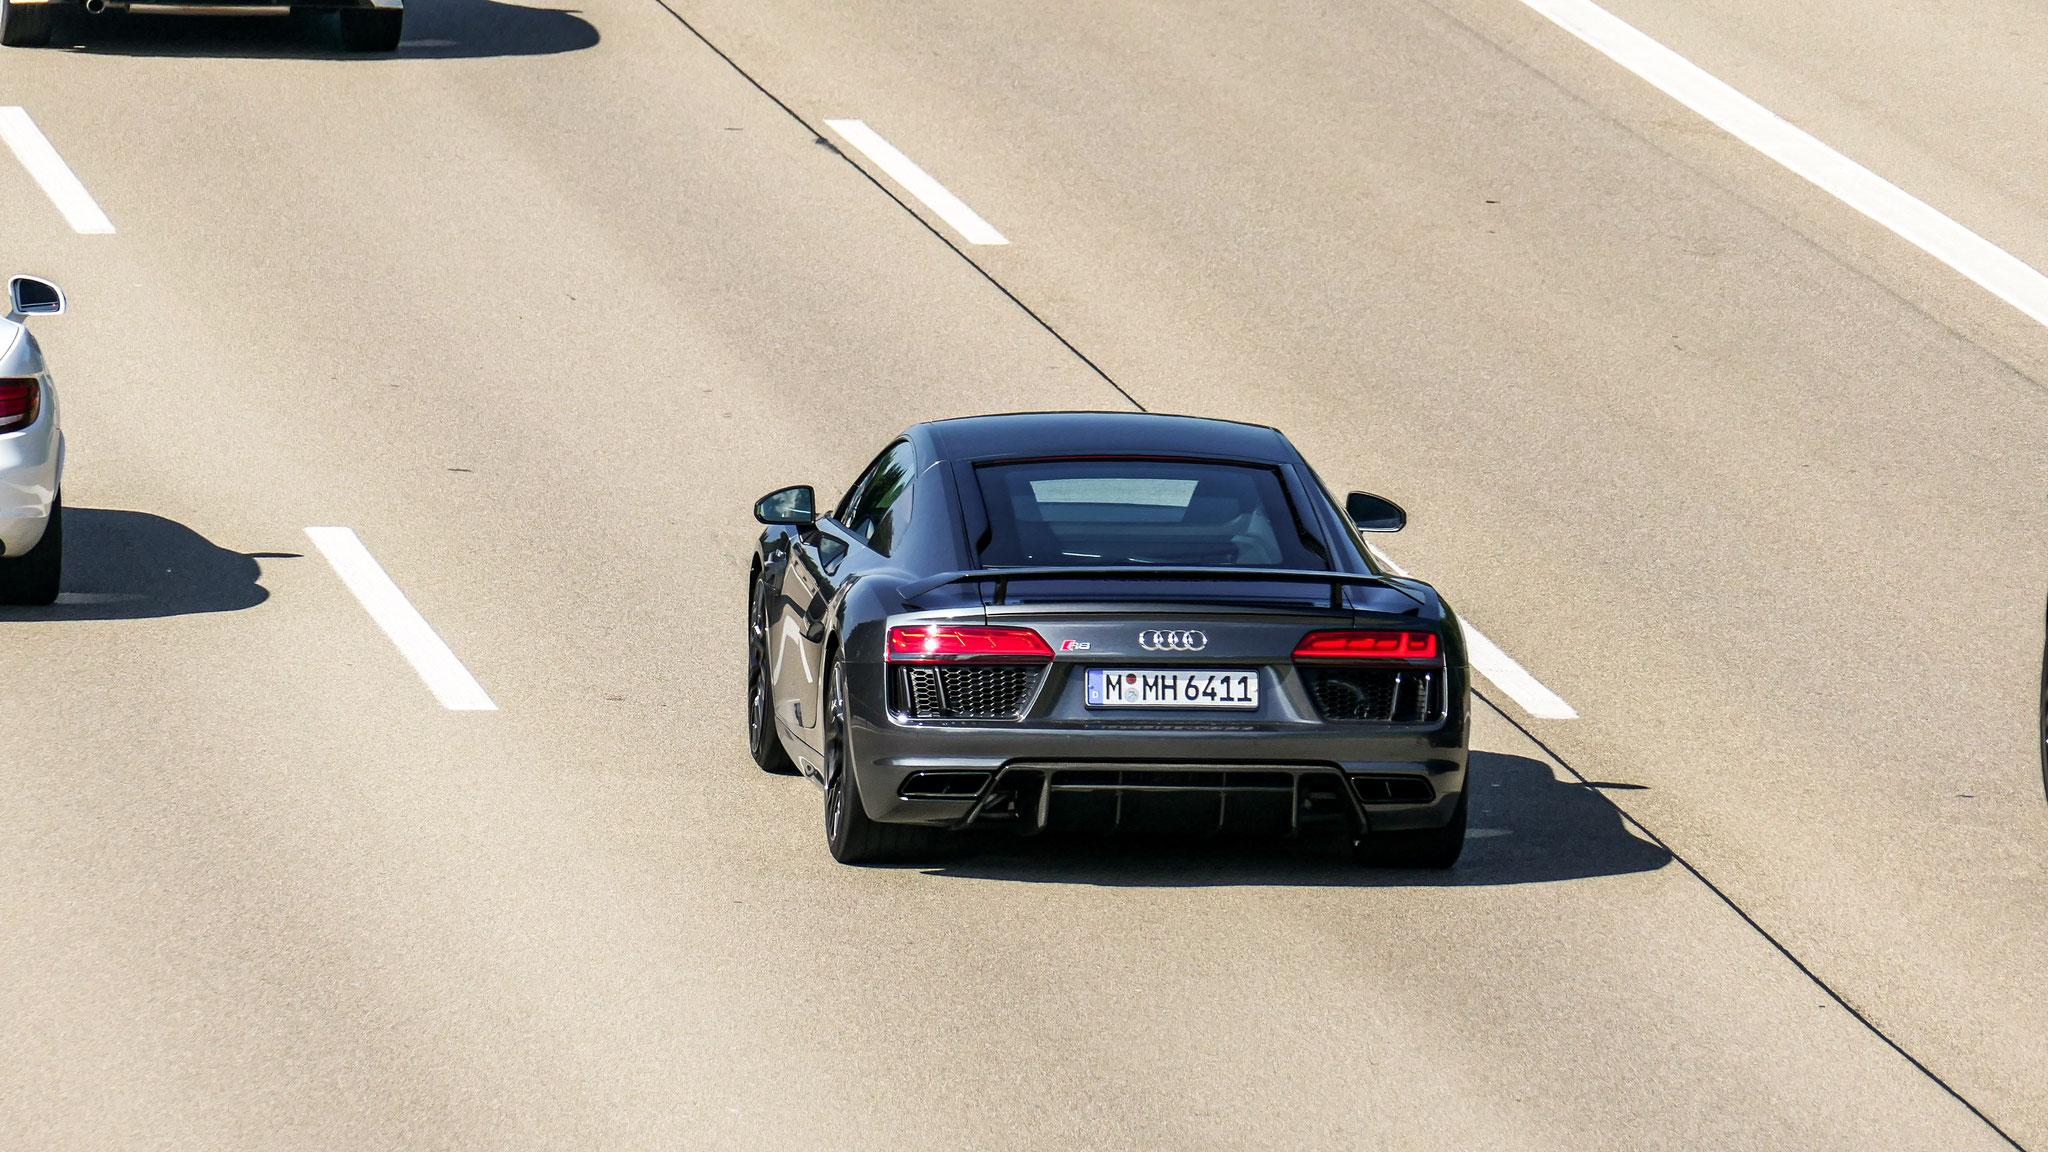 Audi R8 V10 - M-MH-6411